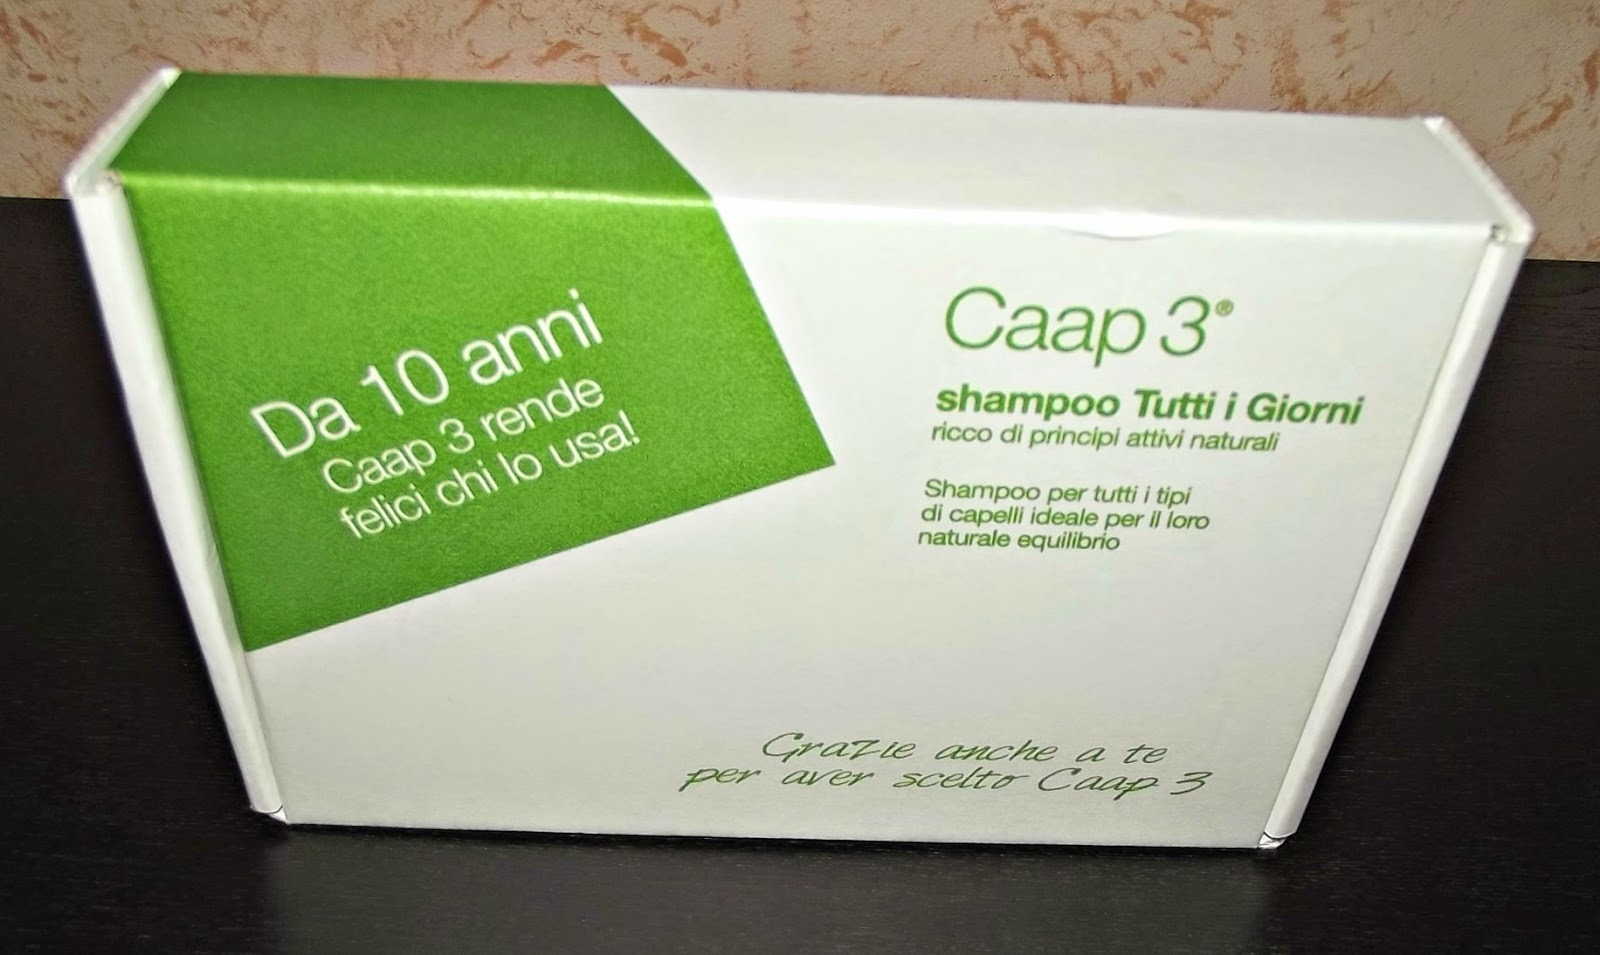 shampoo tutti i giorni caap3® per capelli sani e forti